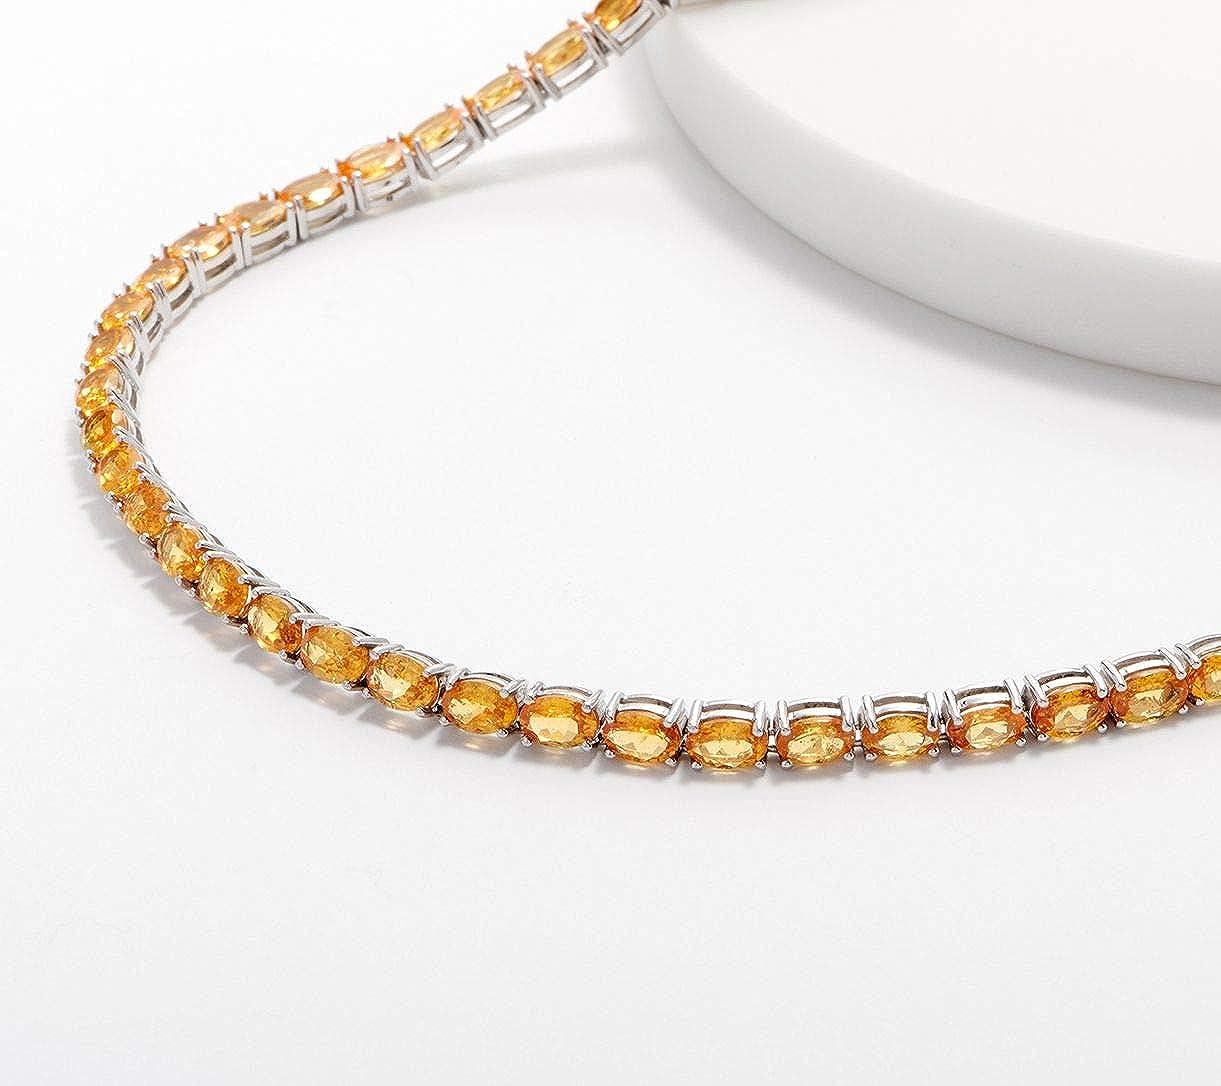 Silvernshine Jewels - Collar de plata de ley 925 con piedras preciosas de tenis y diamantes de citrino de corte ovalado de 2,30 ctw